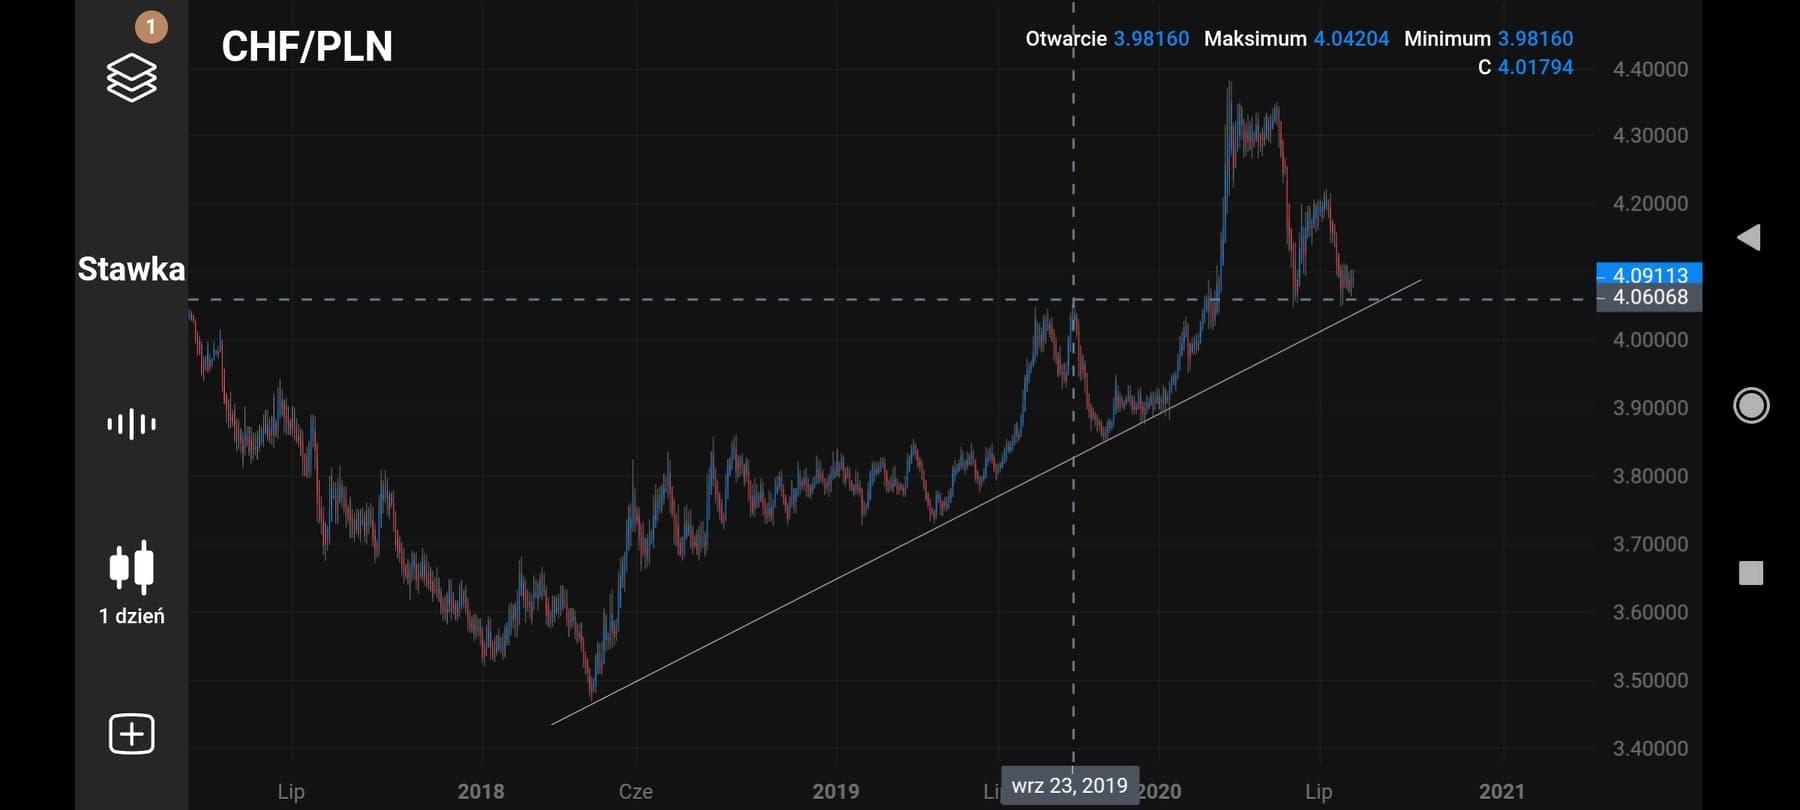 Trading mobilny: analiza ceny złota, kursu CHF/PLN oraz kursu akcji Netflixa na platformie Capital.com